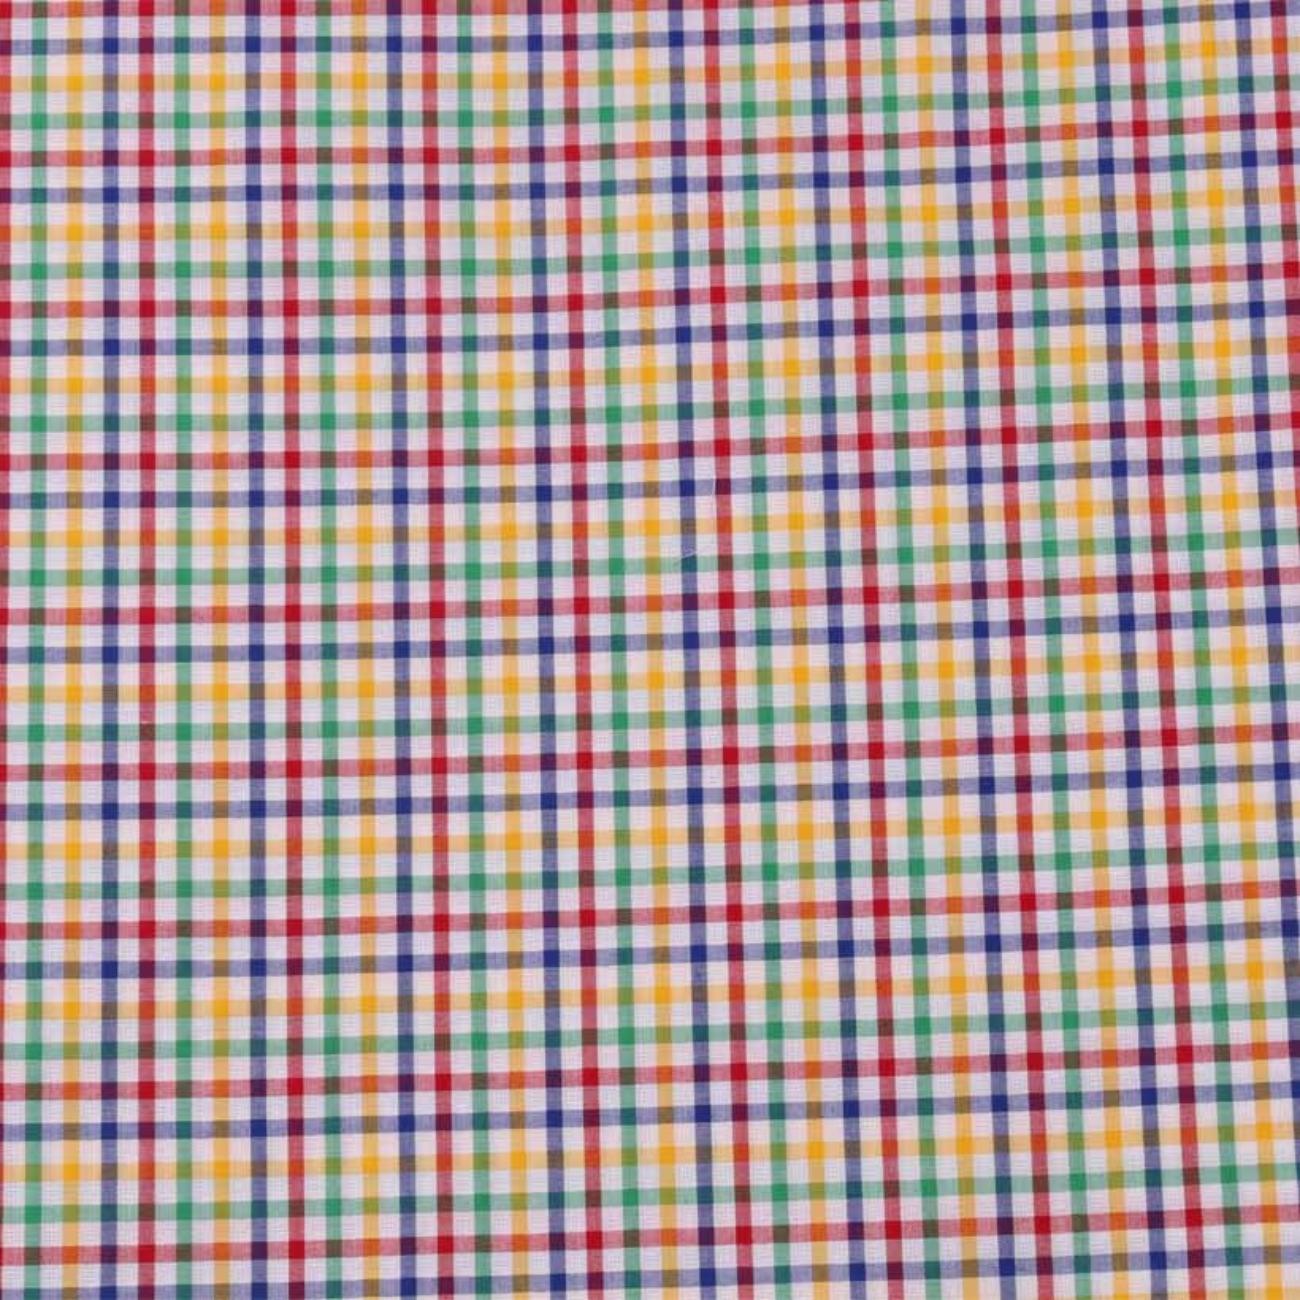 格子 色织 休闲时尚风格 现货梭织 提花 低弹 衬衫 连衣裙 短裙 棉感 60929-36